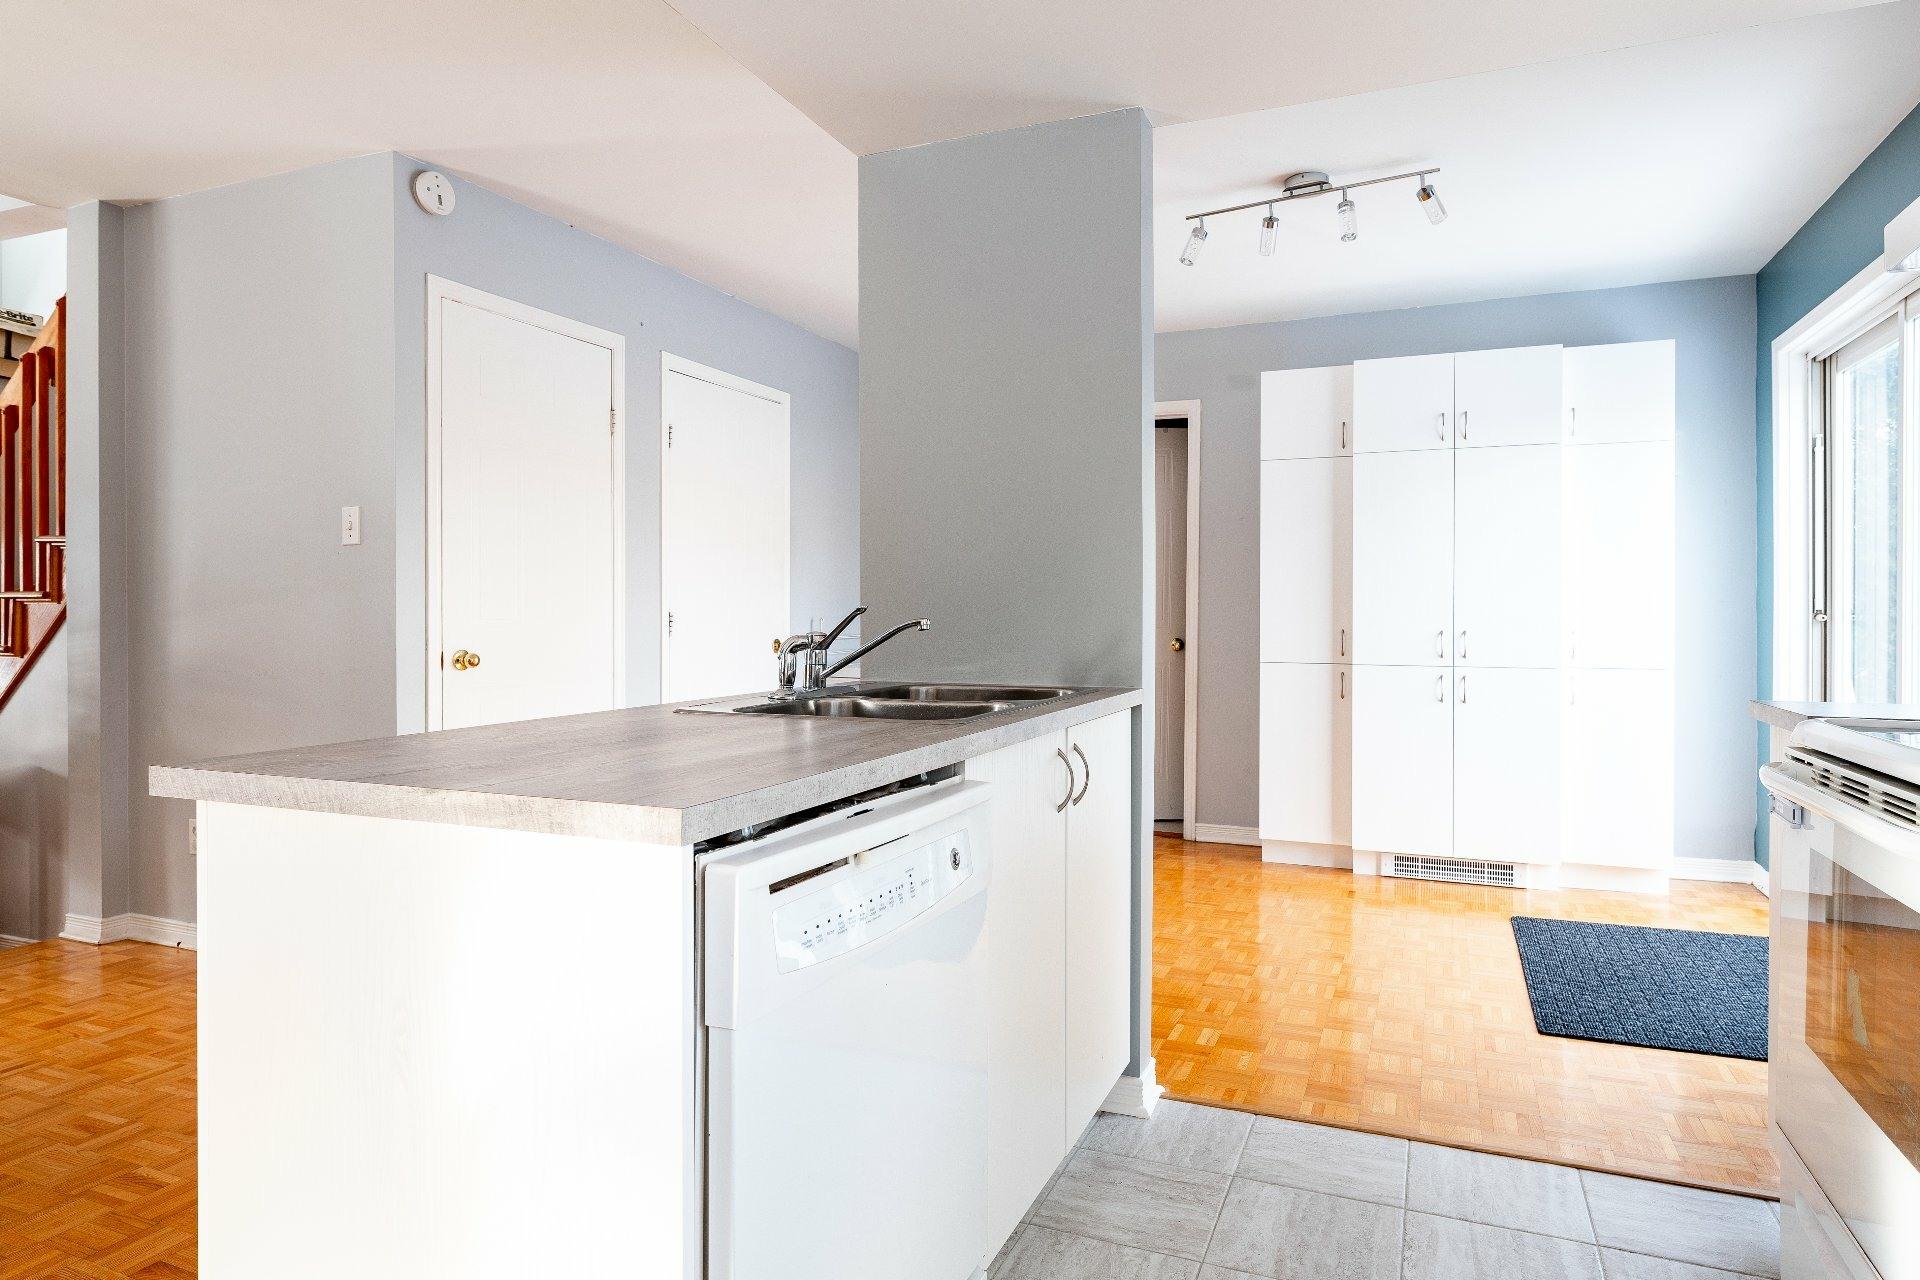 image 5 - Maison À vendre Fabreville Laval  - 8 pièces